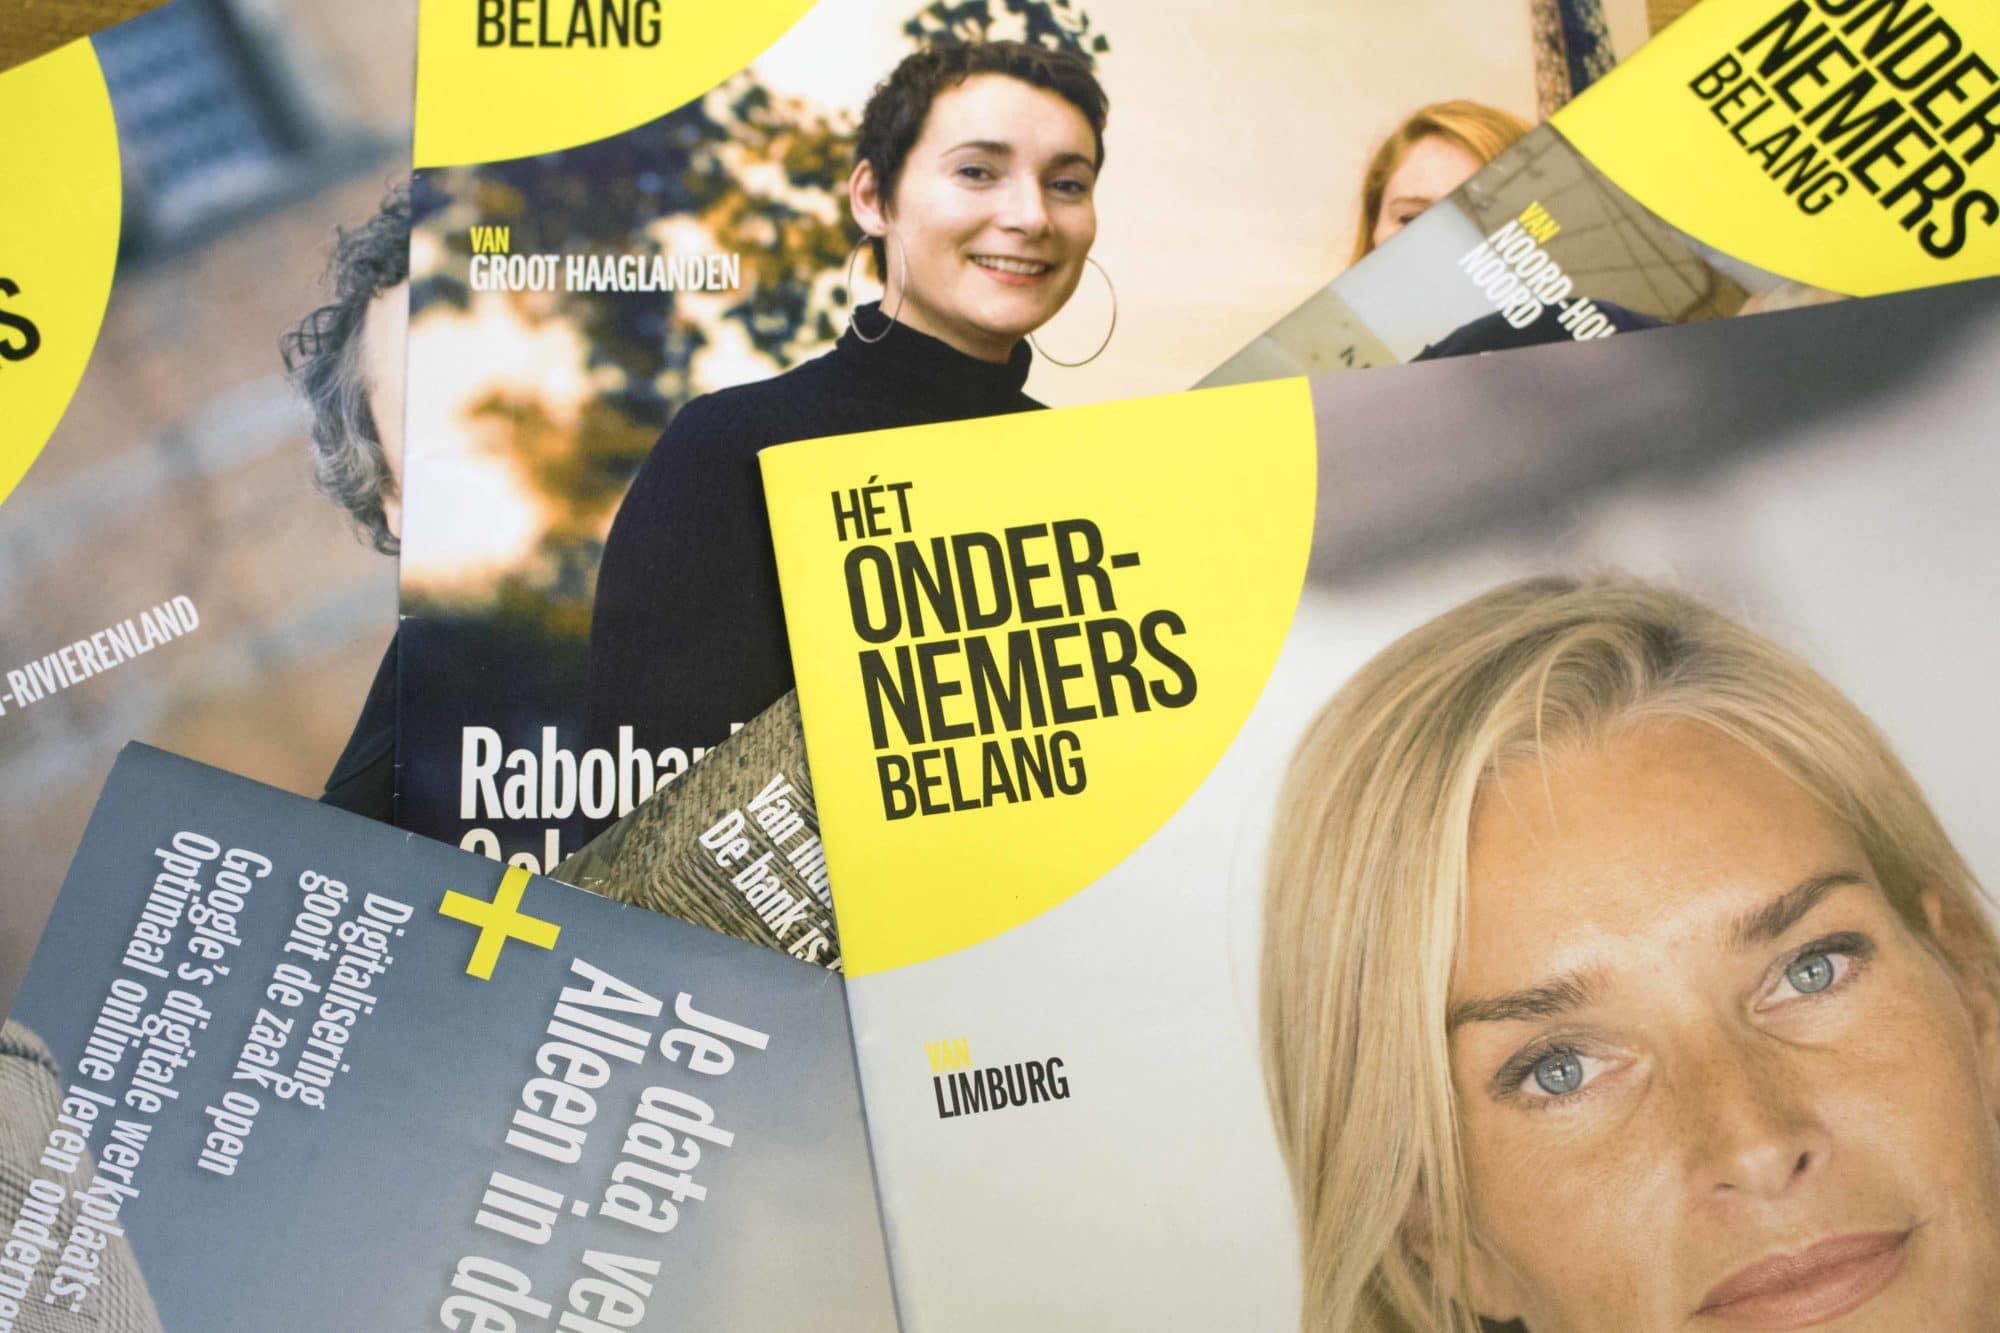 magazines - Het ondernemersbelang